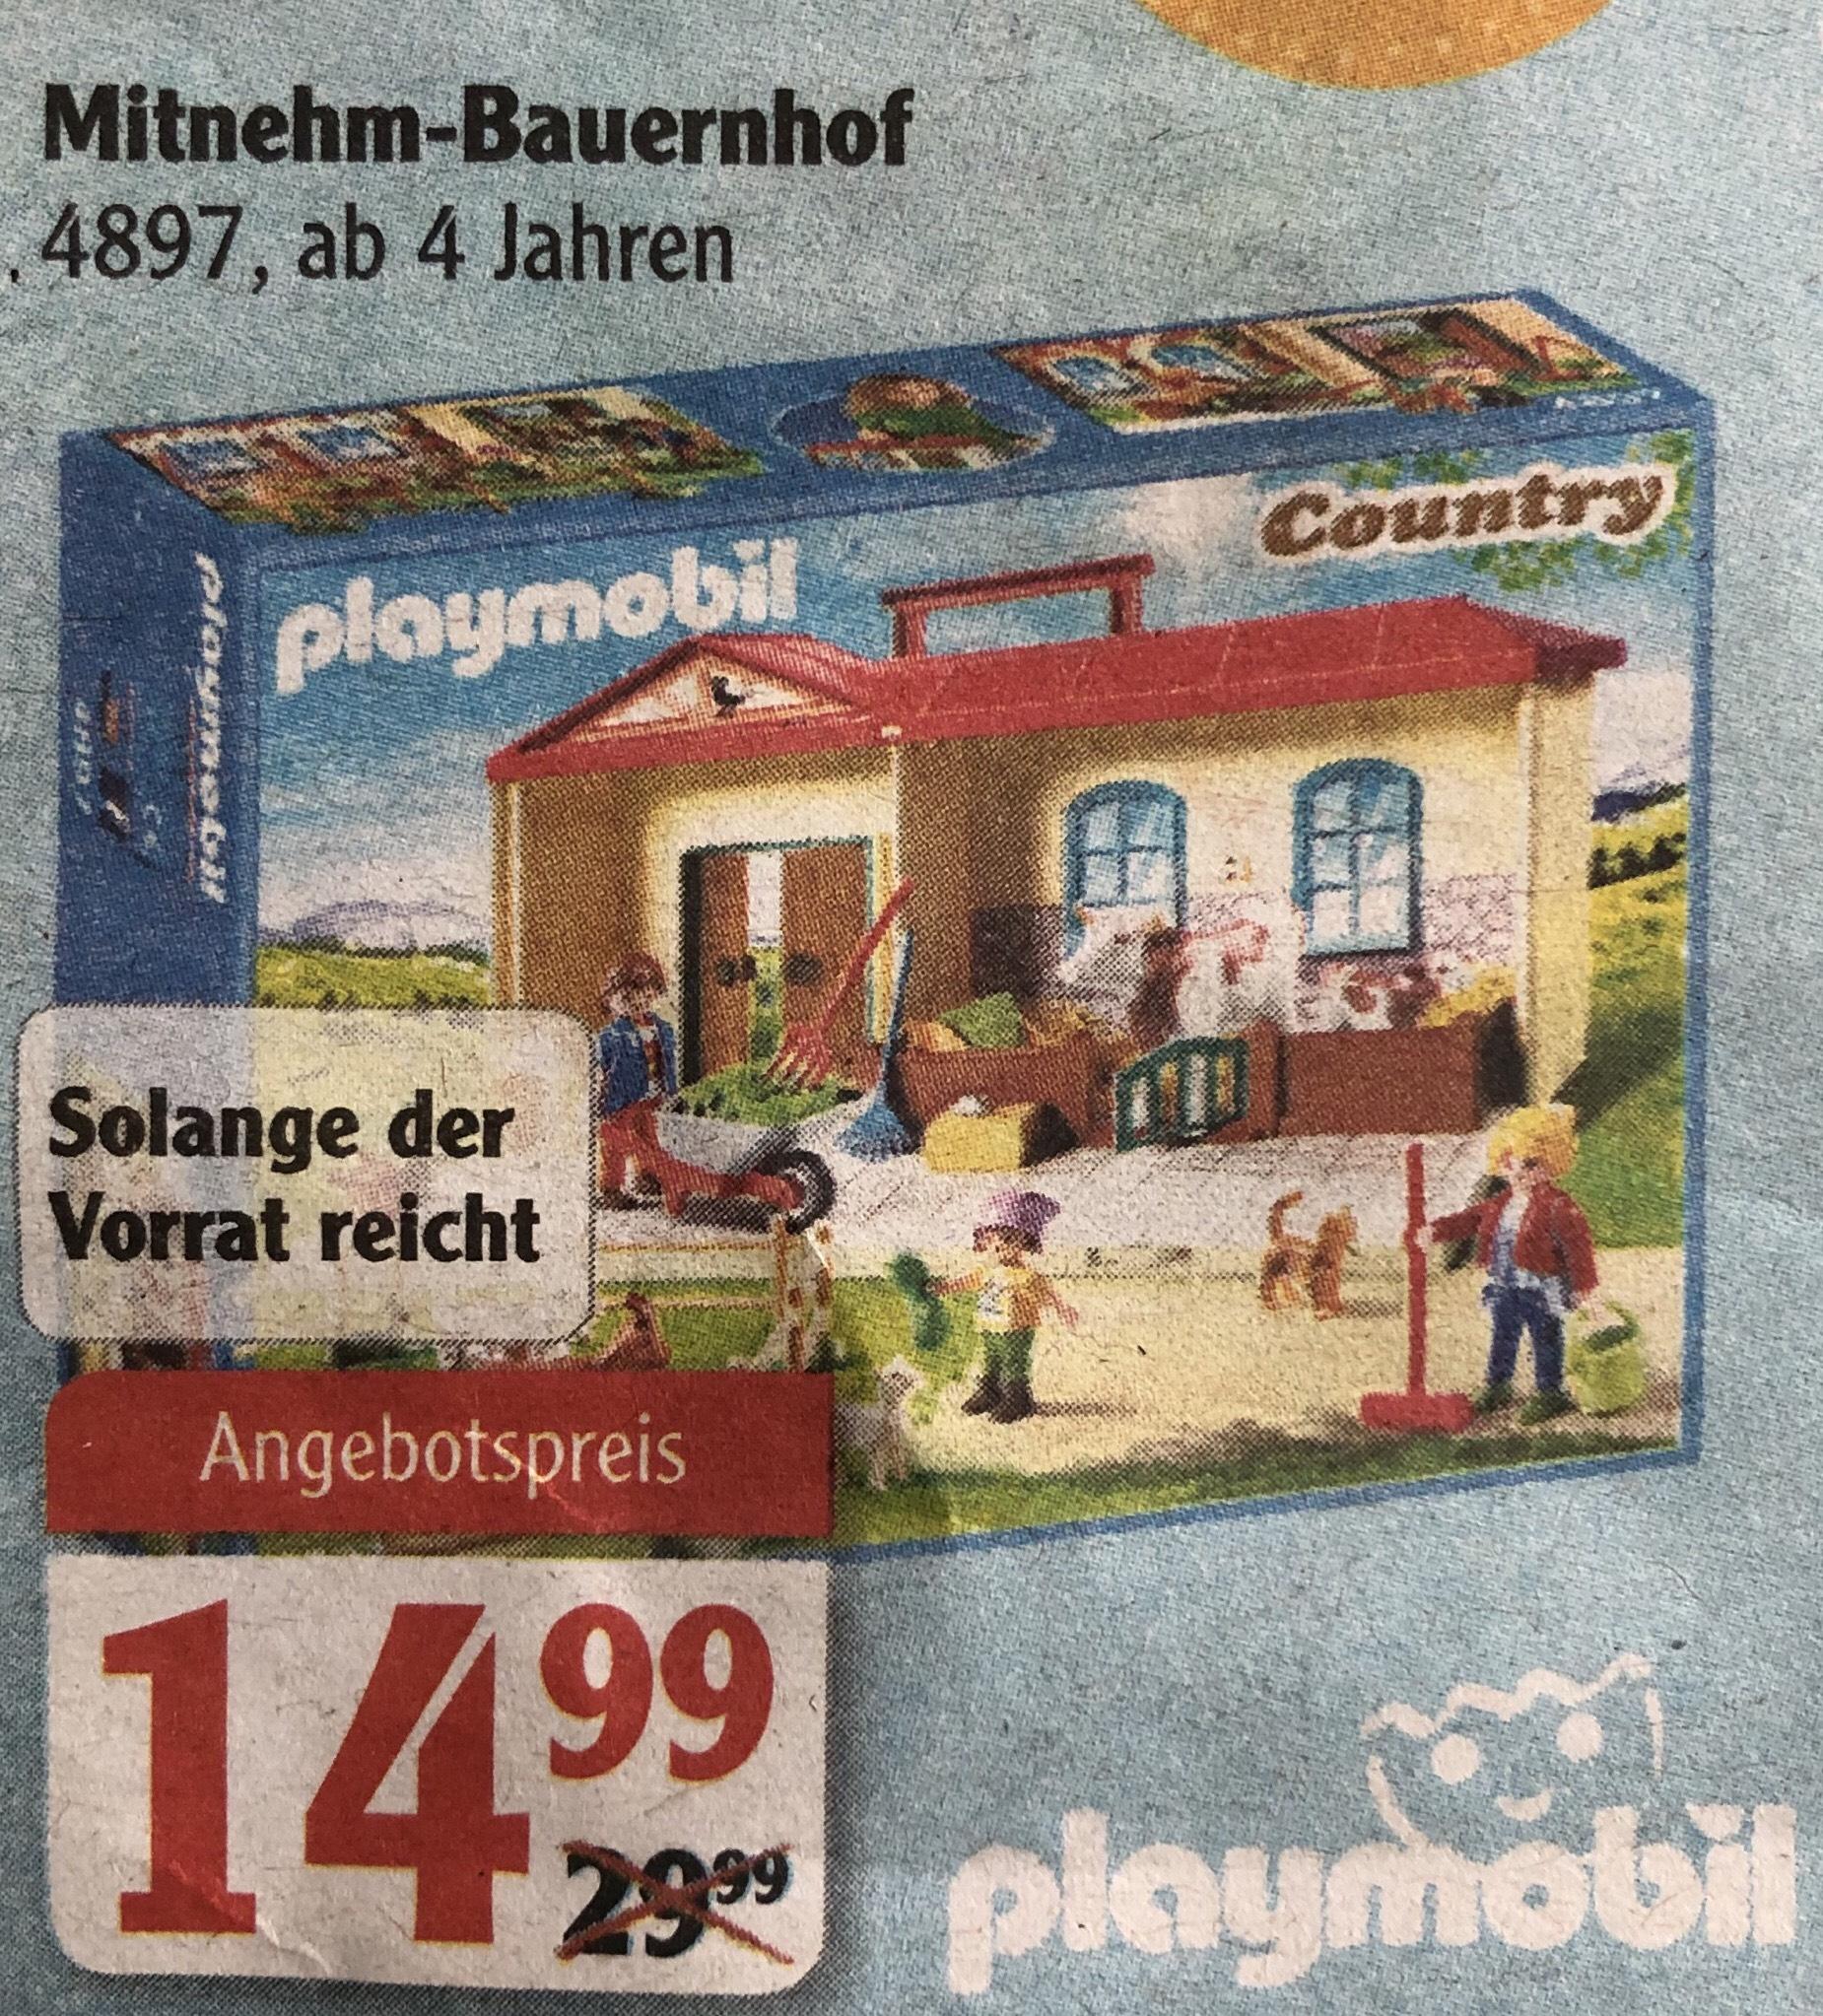 Playmobil Mitnehm-Bauernhof bei Globus